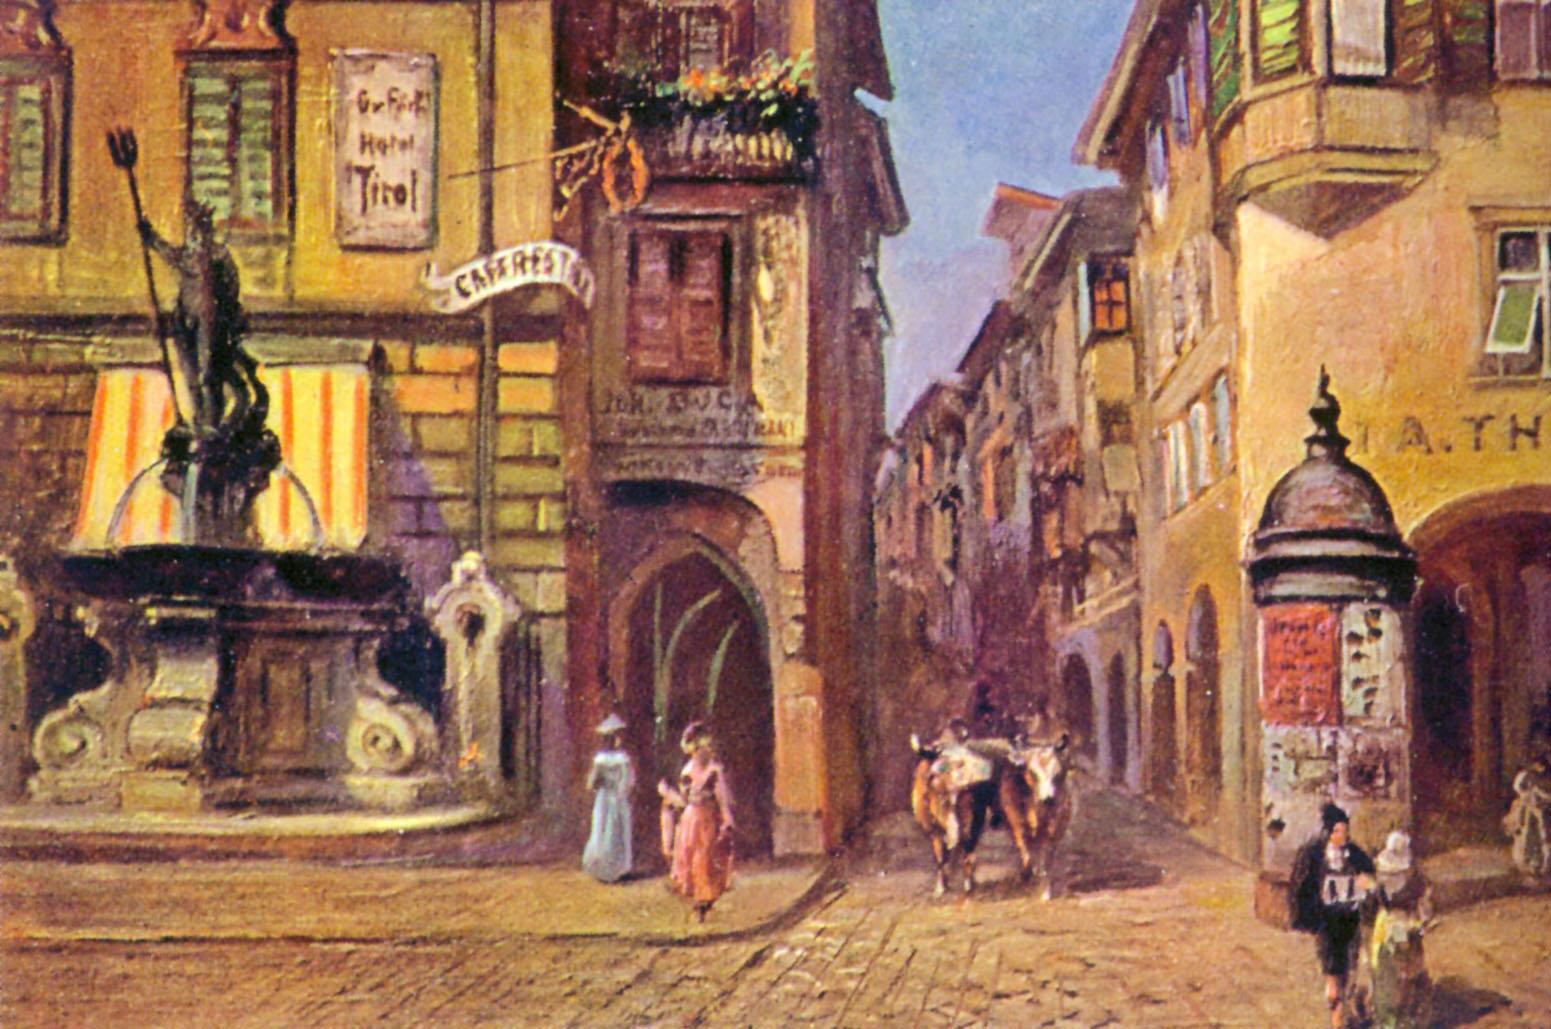 Westeingang Lauben in Bozen mit alten Adels- und Bürgerhäusern